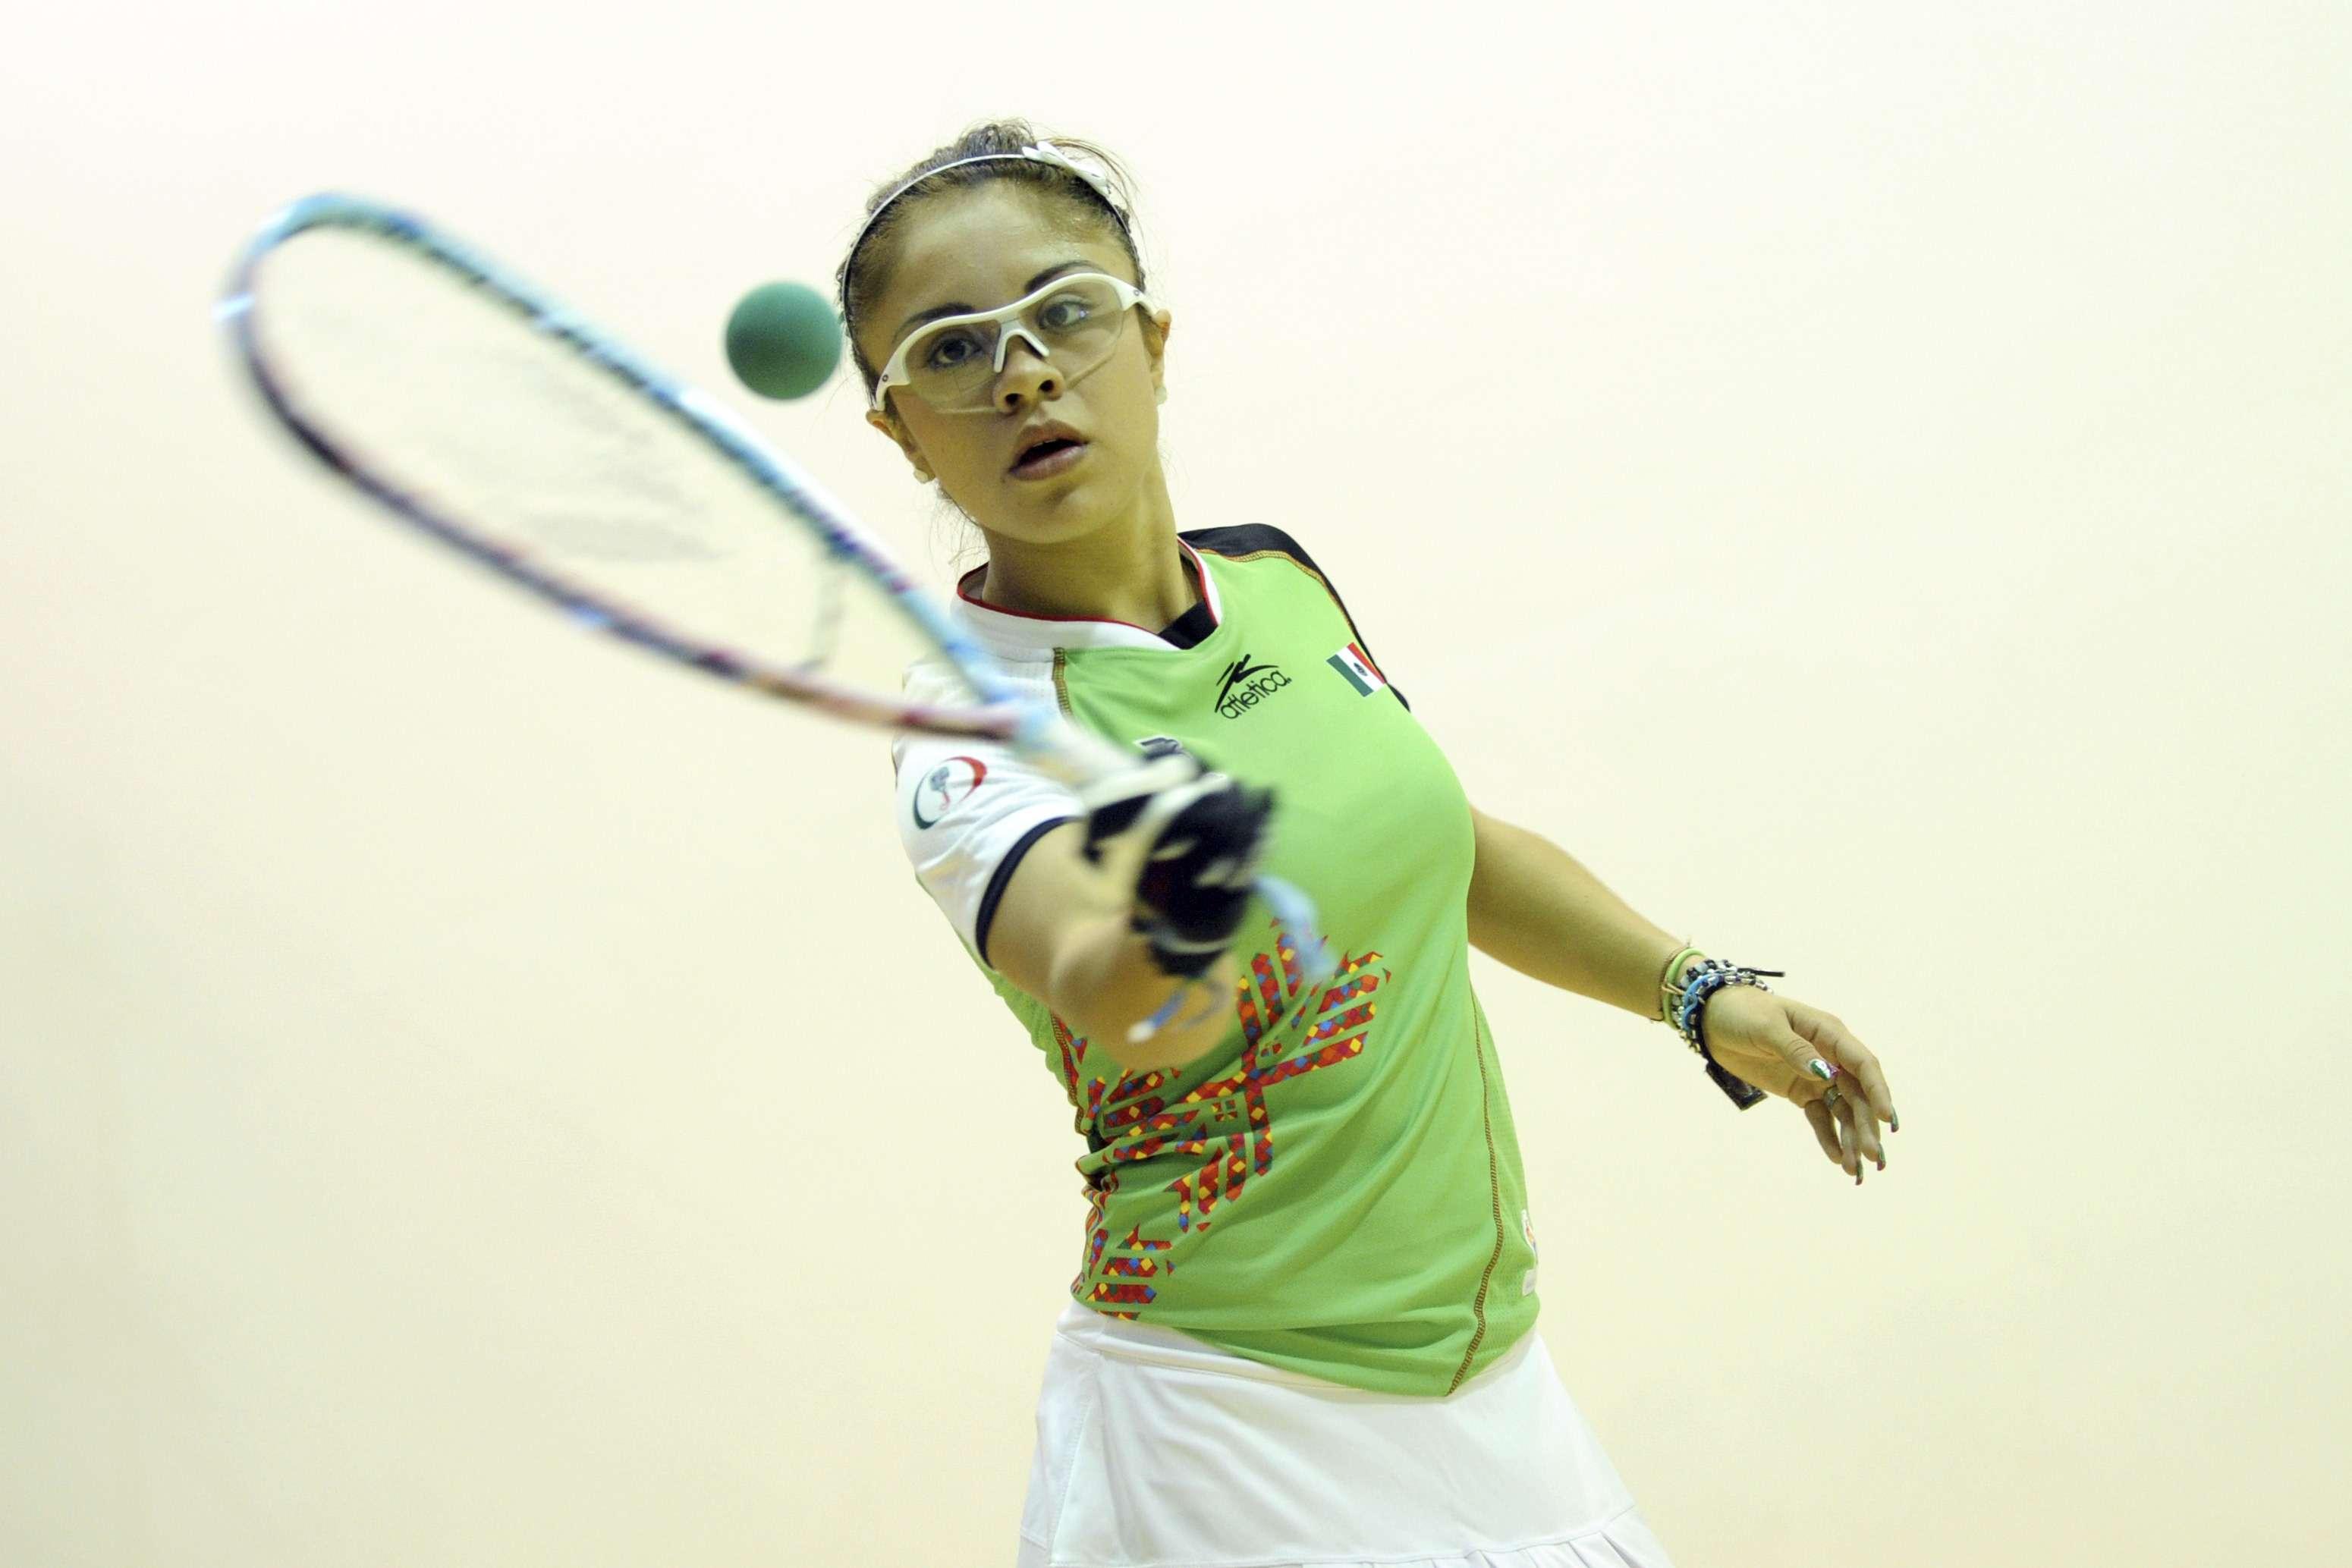 Paola Longoria perdió después de 152 victorias al hilo, un récord en el racquetbol Foto: Gettyimages